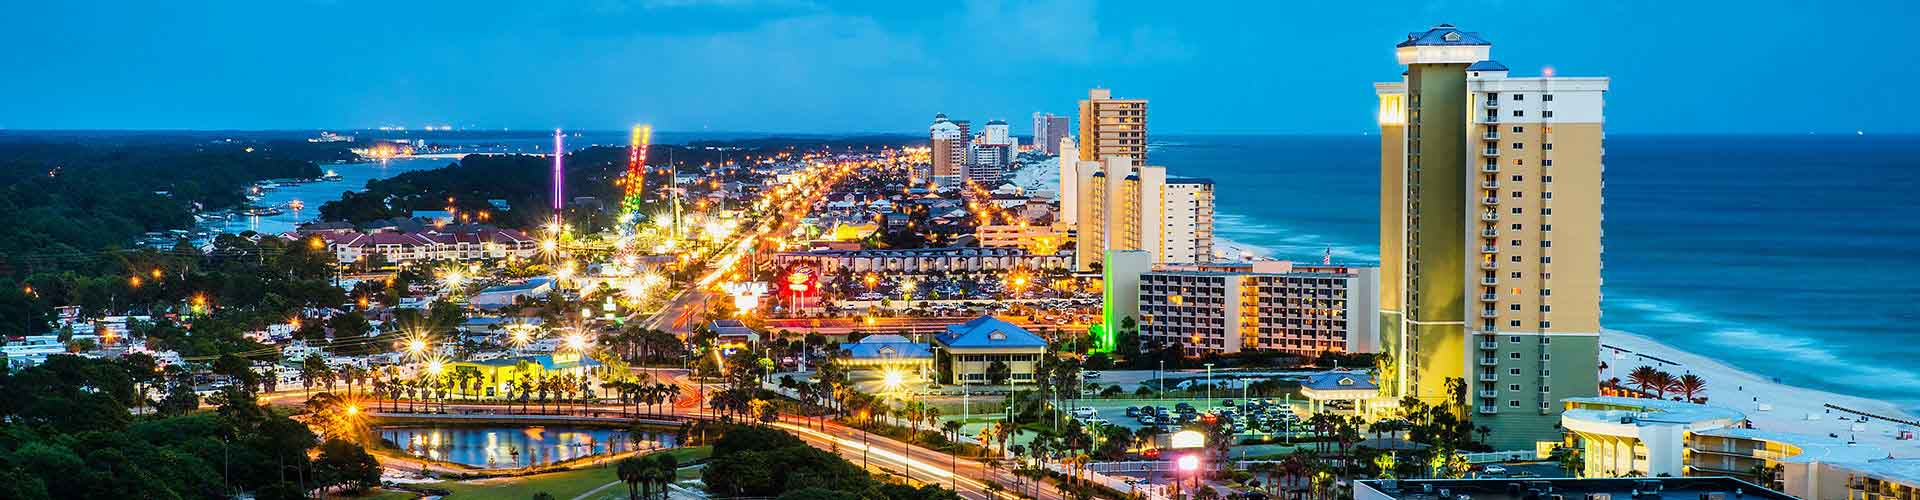 Panama City - Appartements dans le quartier de Perejil. Cartes pour Panama City, photos et commentaires pour chaque appartement à Panama City.